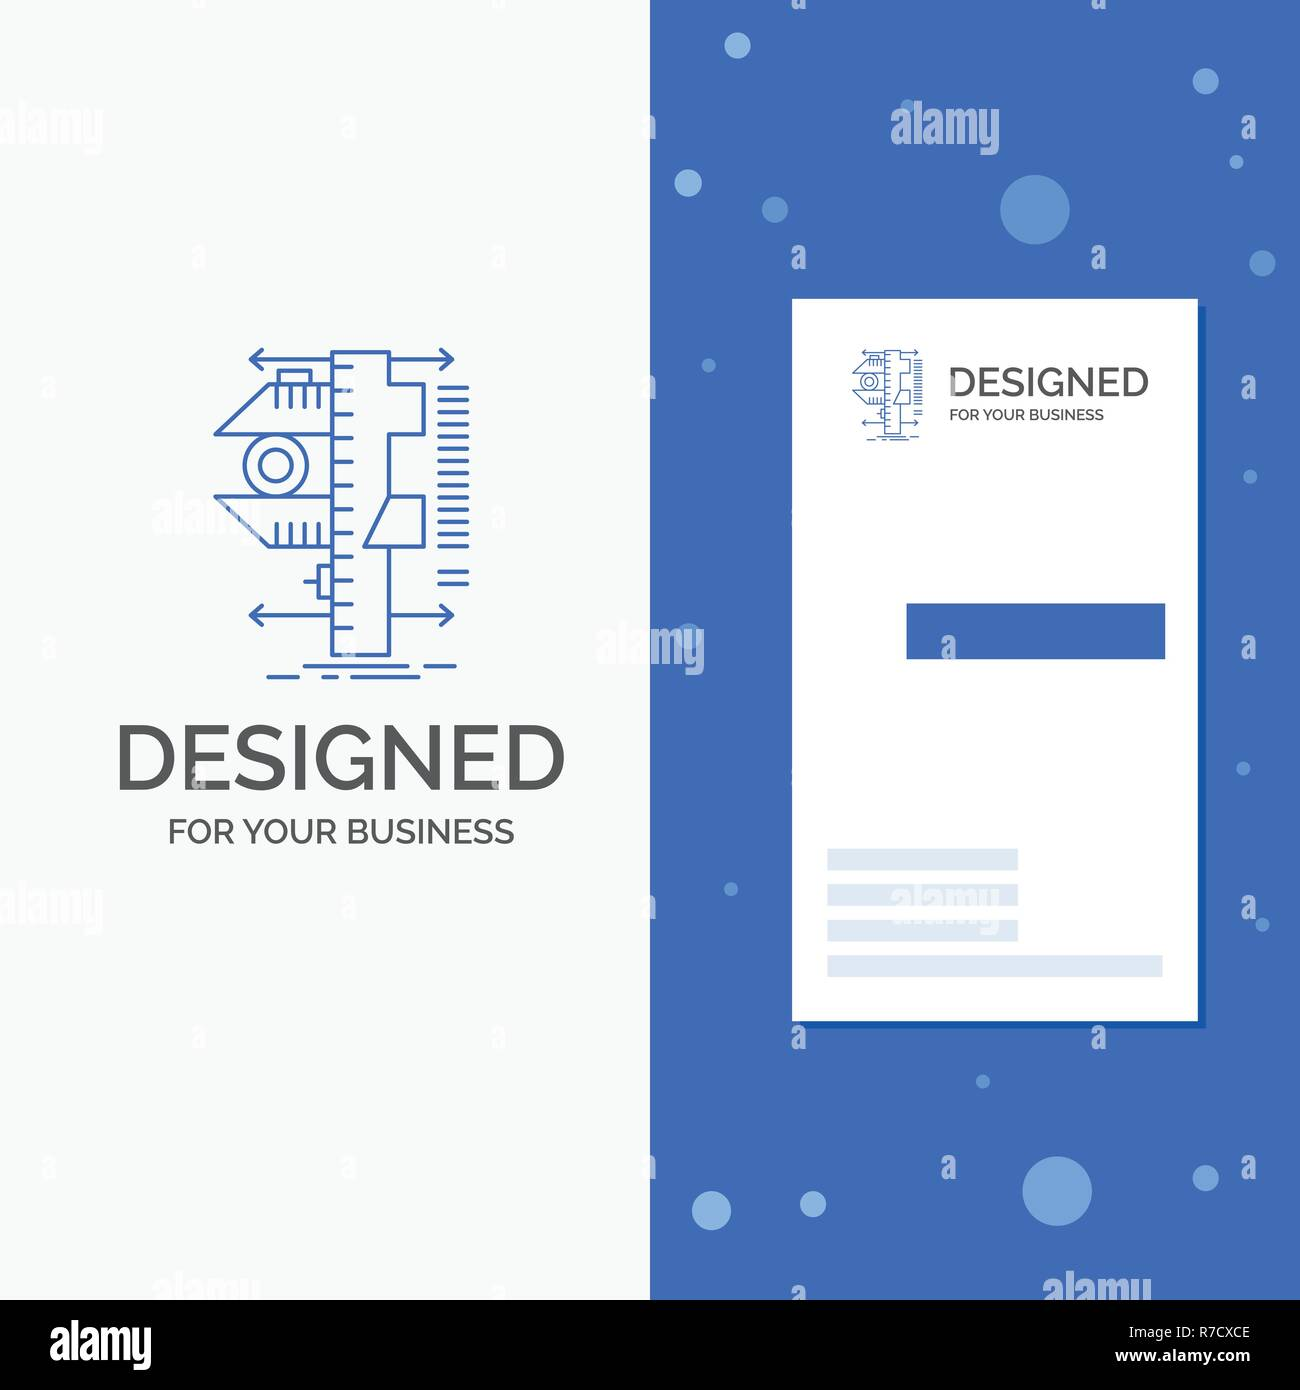 Logo Dentreprise Pour La Mesure Letrier De Frein Etriers Physique Bleu Vertical Affaires Modele Carte Visite